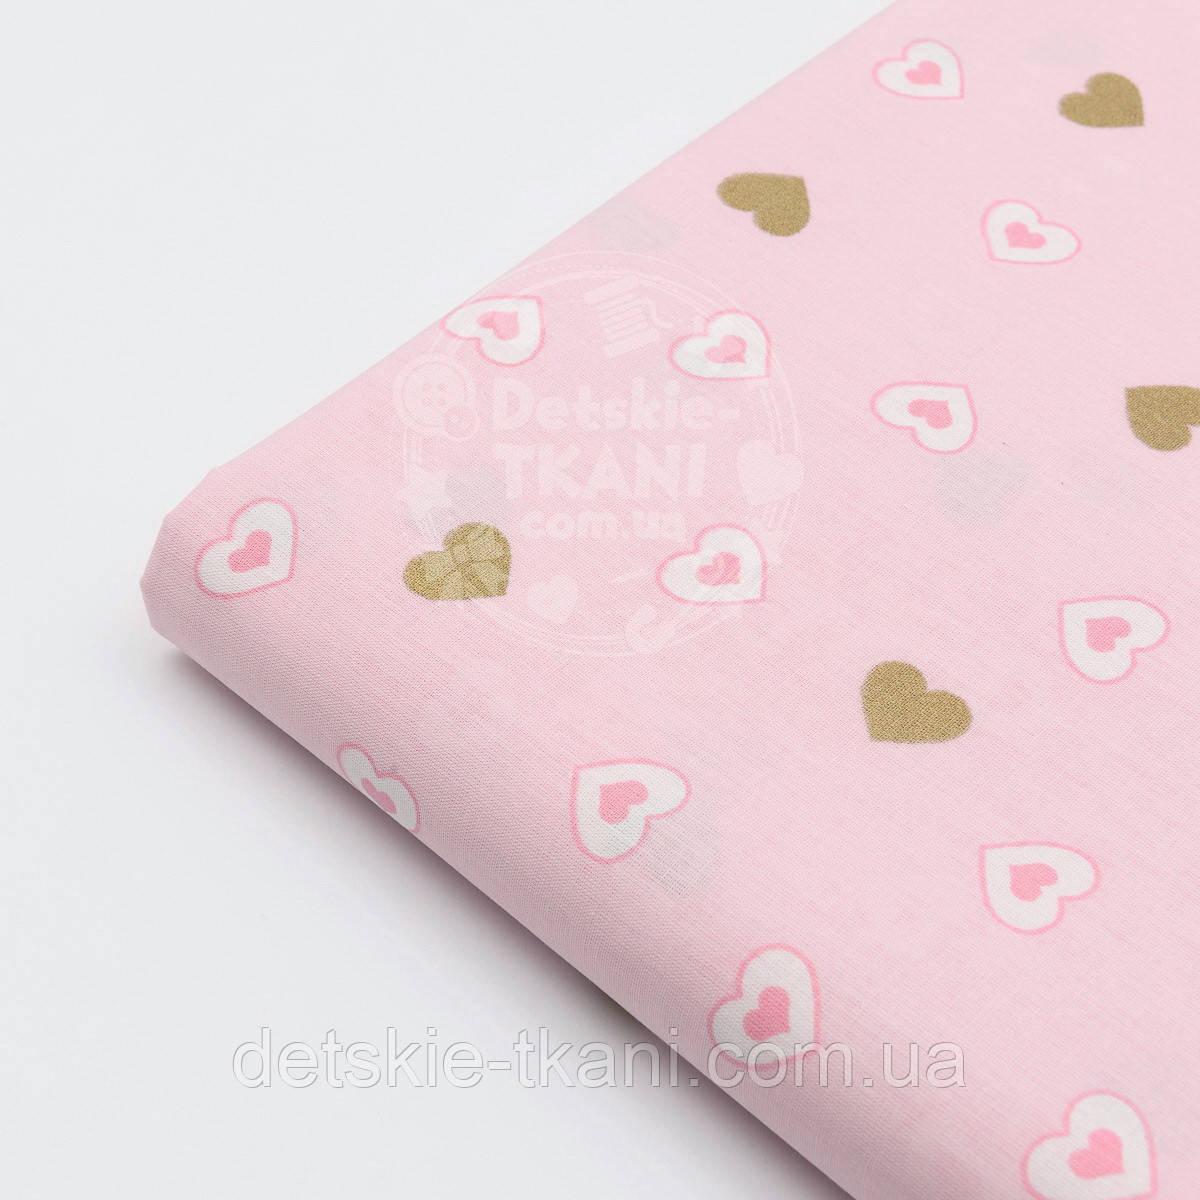 """Отрез ткани """"Прозрачные и золотистые сердечки"""" на розовом №1567, размер 80*240см"""